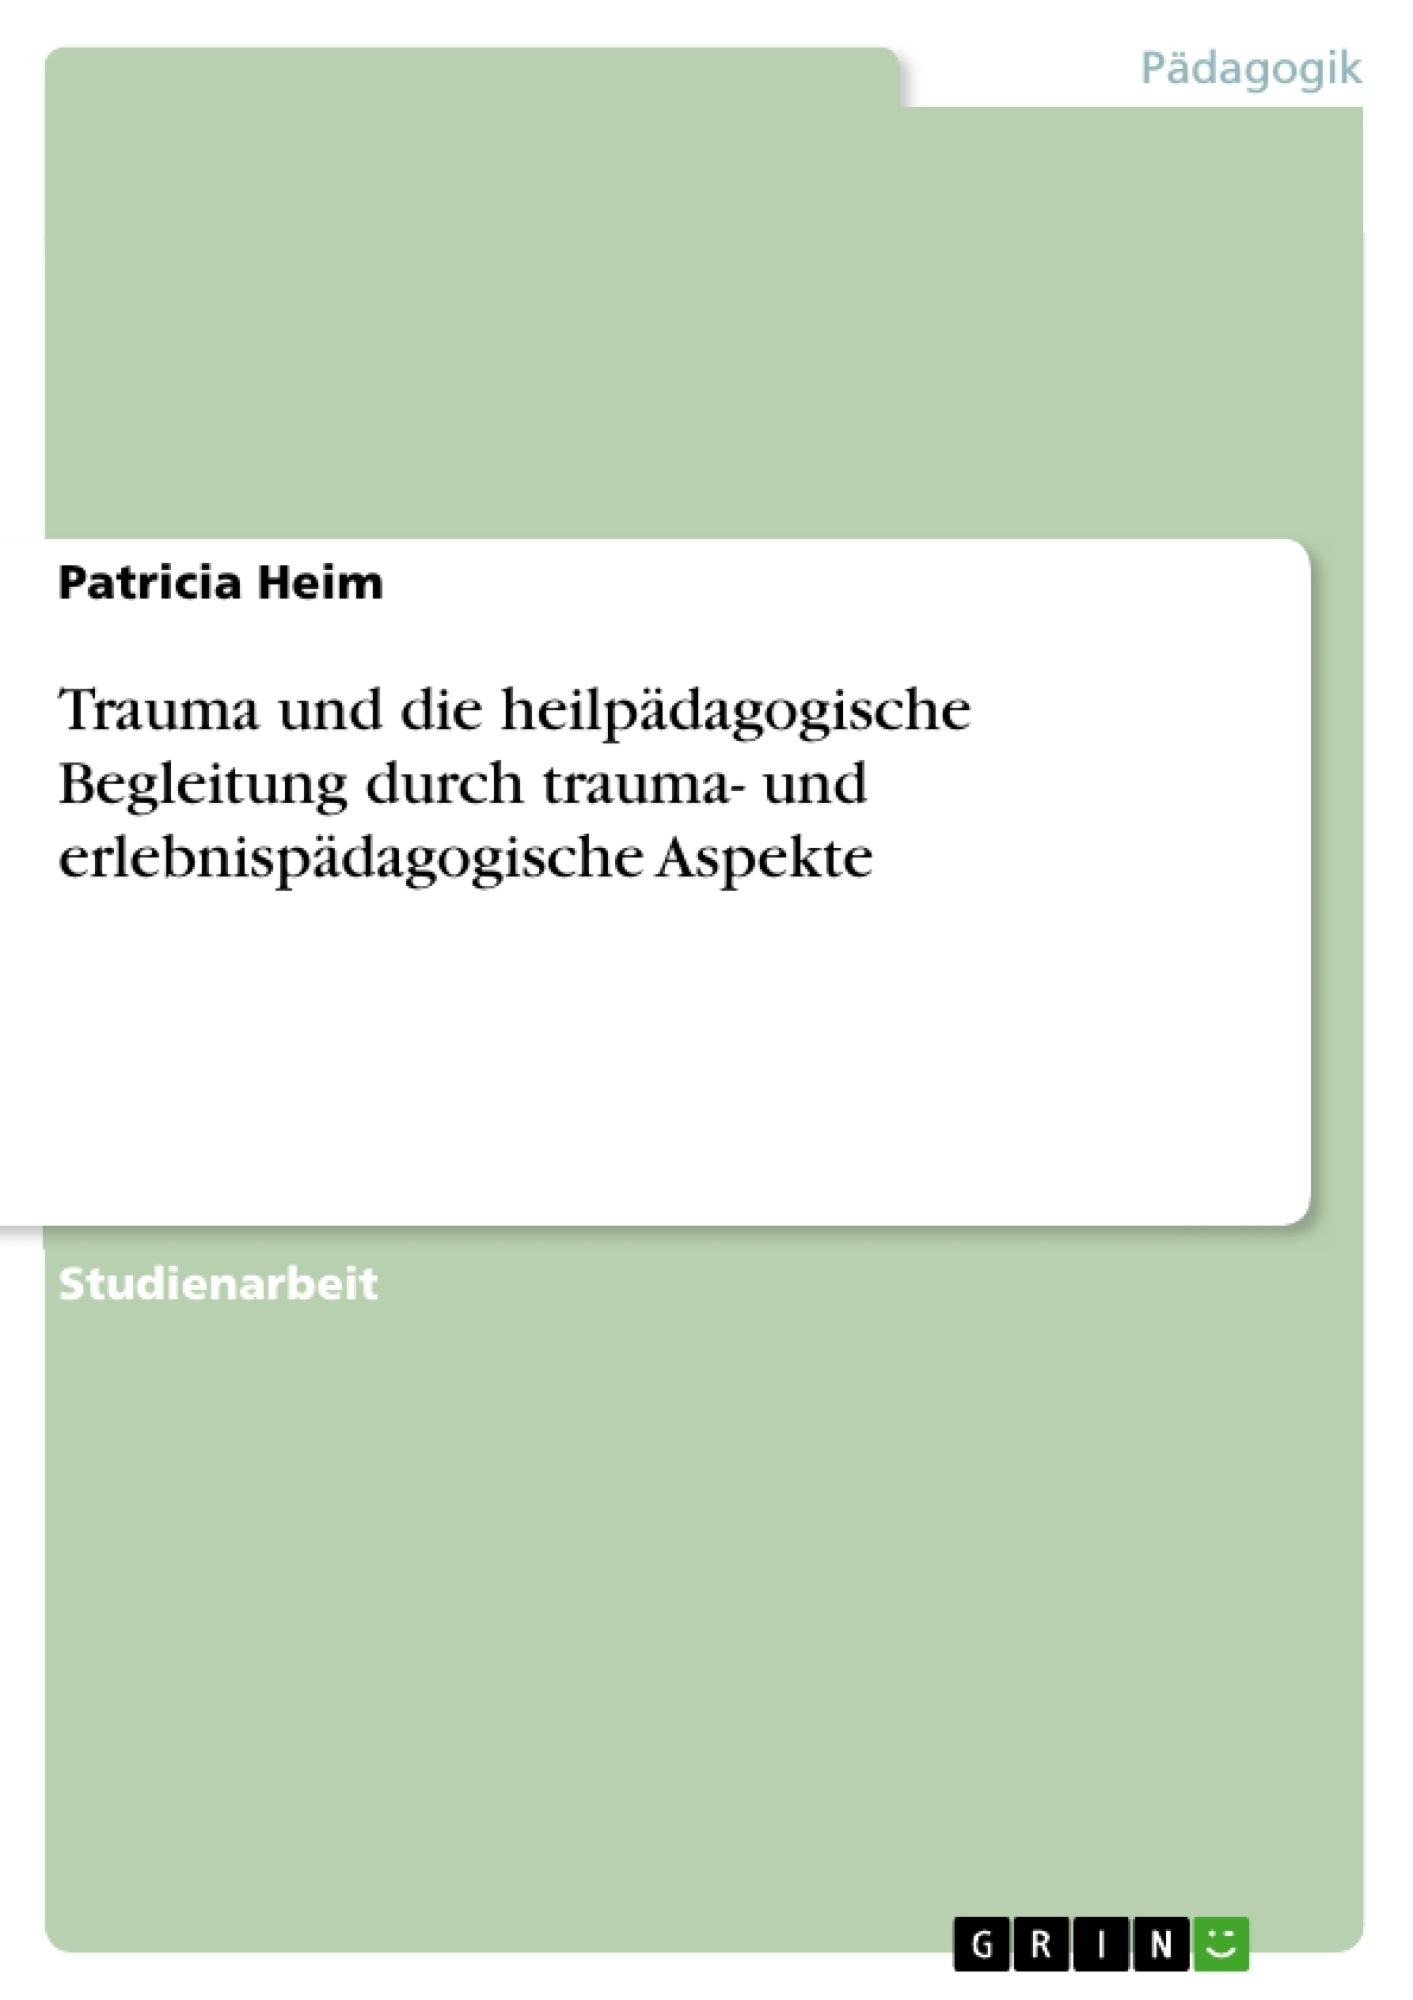 Titel: Trauma und die heilpädagogische Begleitung durch trauma- und erlebnispädagogische Aspekte